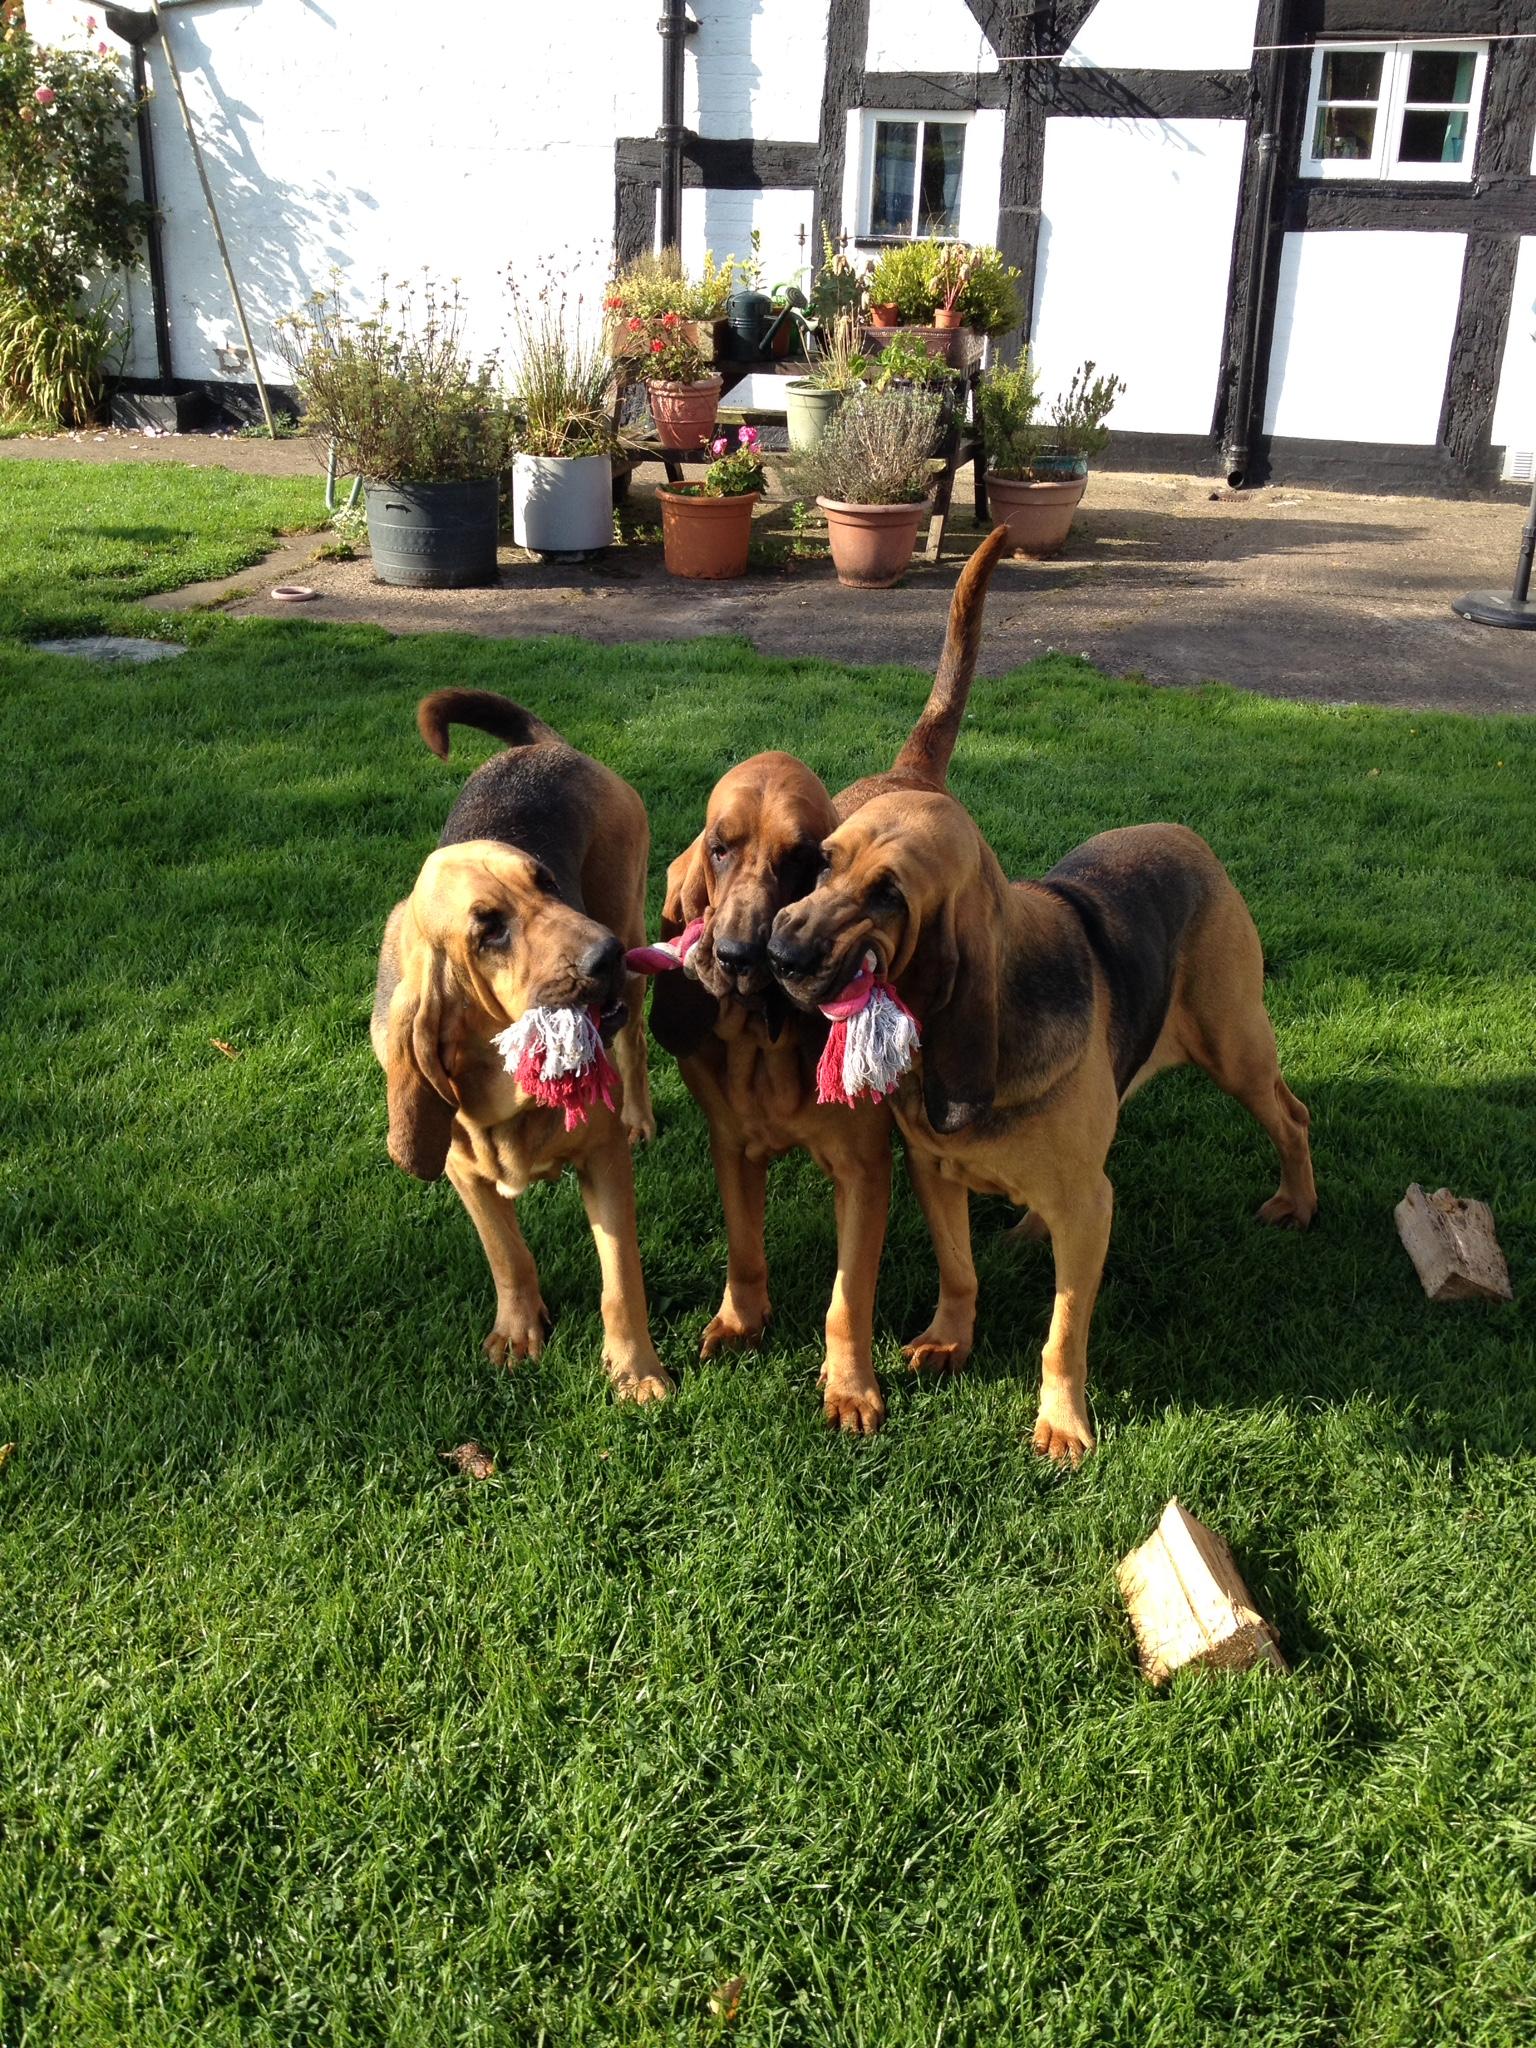 leyna, evie and purdie